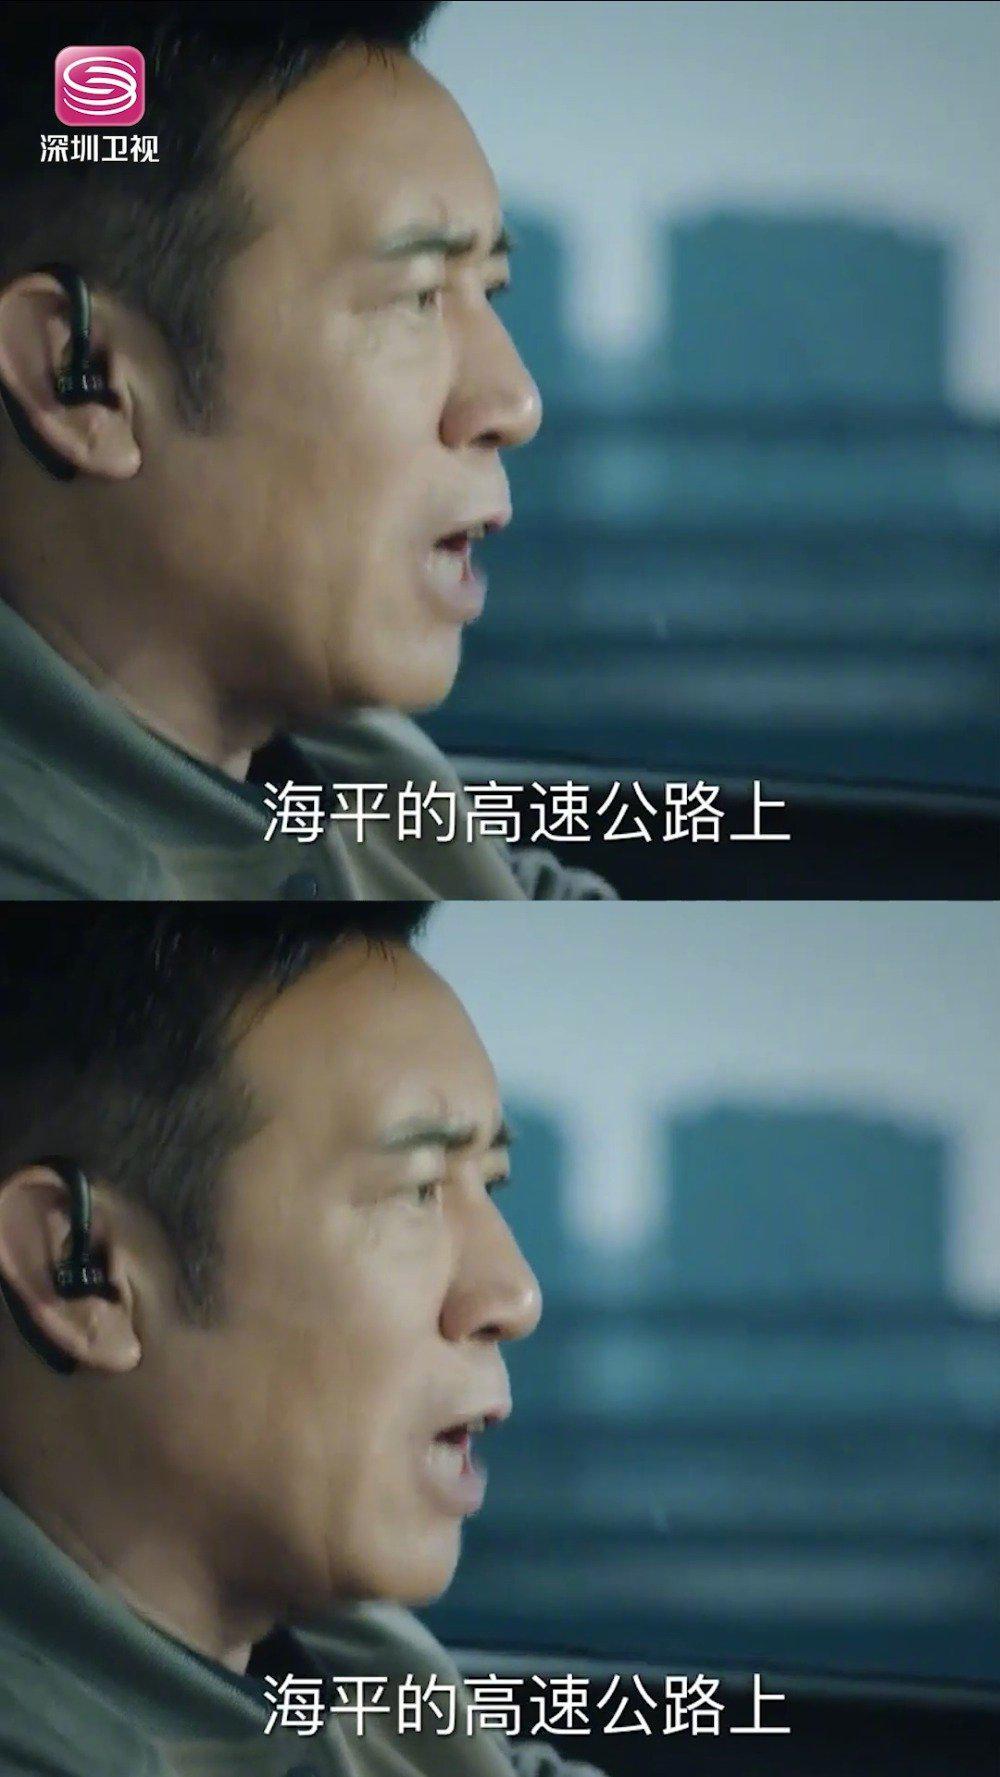 罗欣然偷听到邓耀先的秘密计划被追杀……